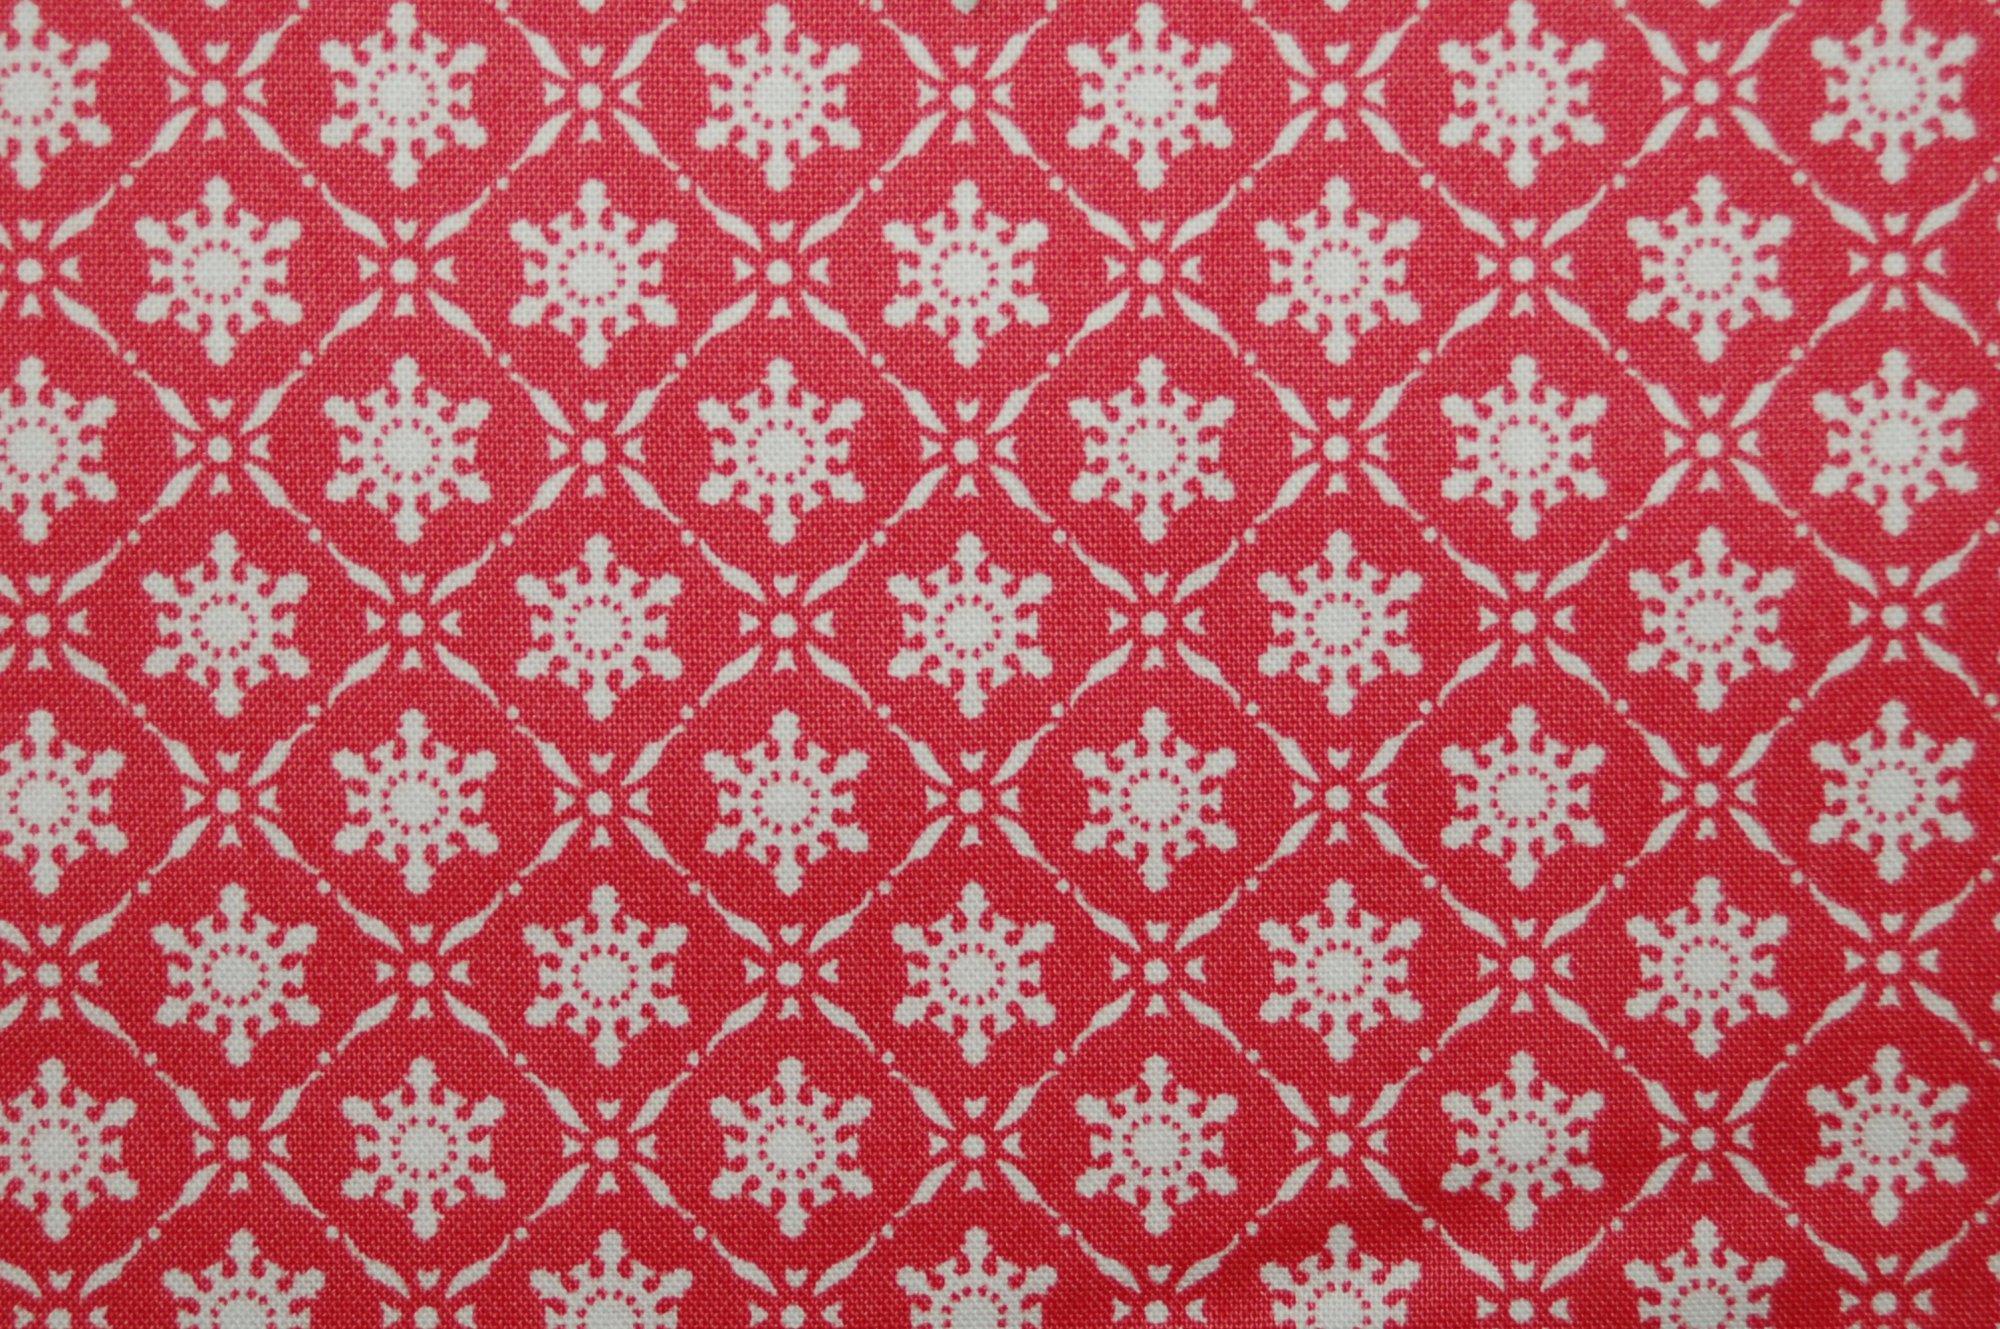 Winter Garden - Snowflake (Red) by Tanya Whelan for Free Spirit